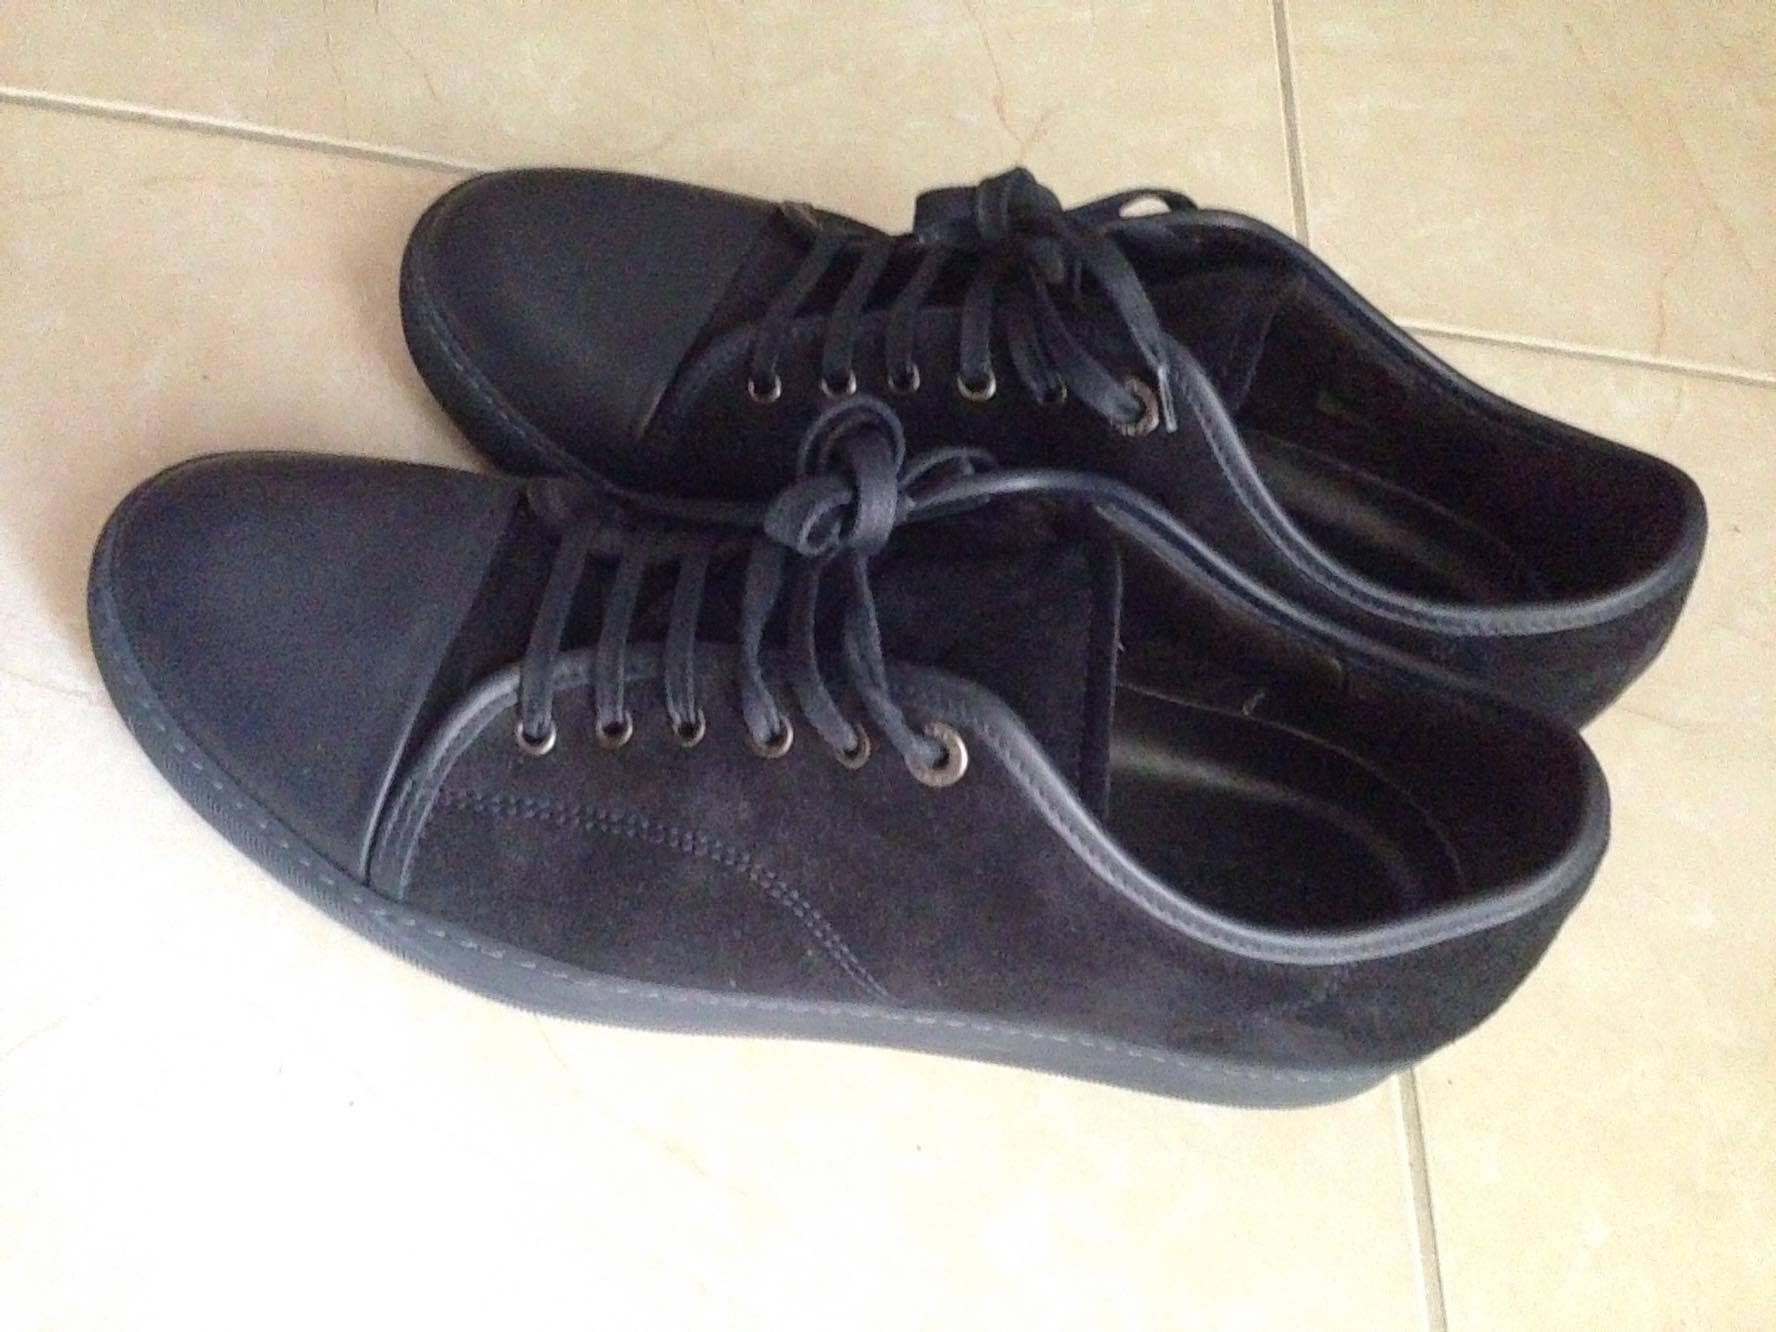 Giannis's photos in ***Finally an Official Baller sneaker thread ($300 minimum)***